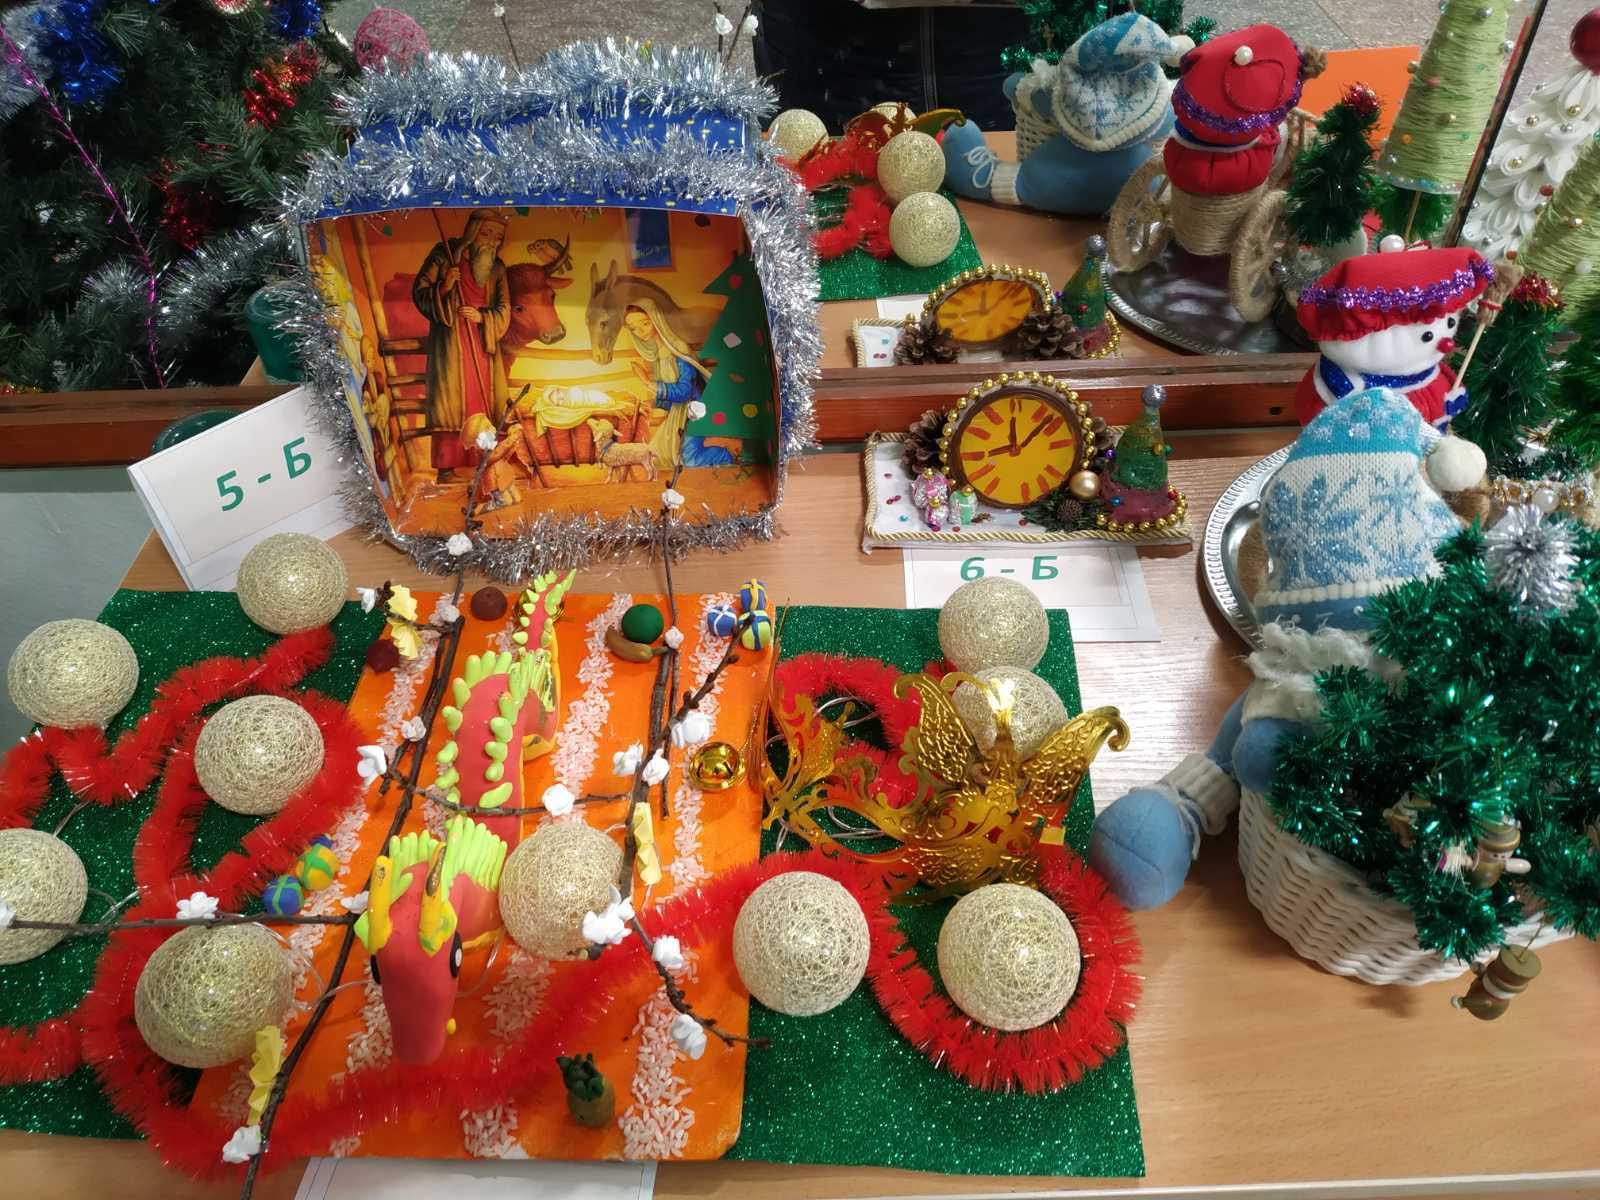 Виставка традиційних новорічних атрибутів «Новий рік крокує планетою»